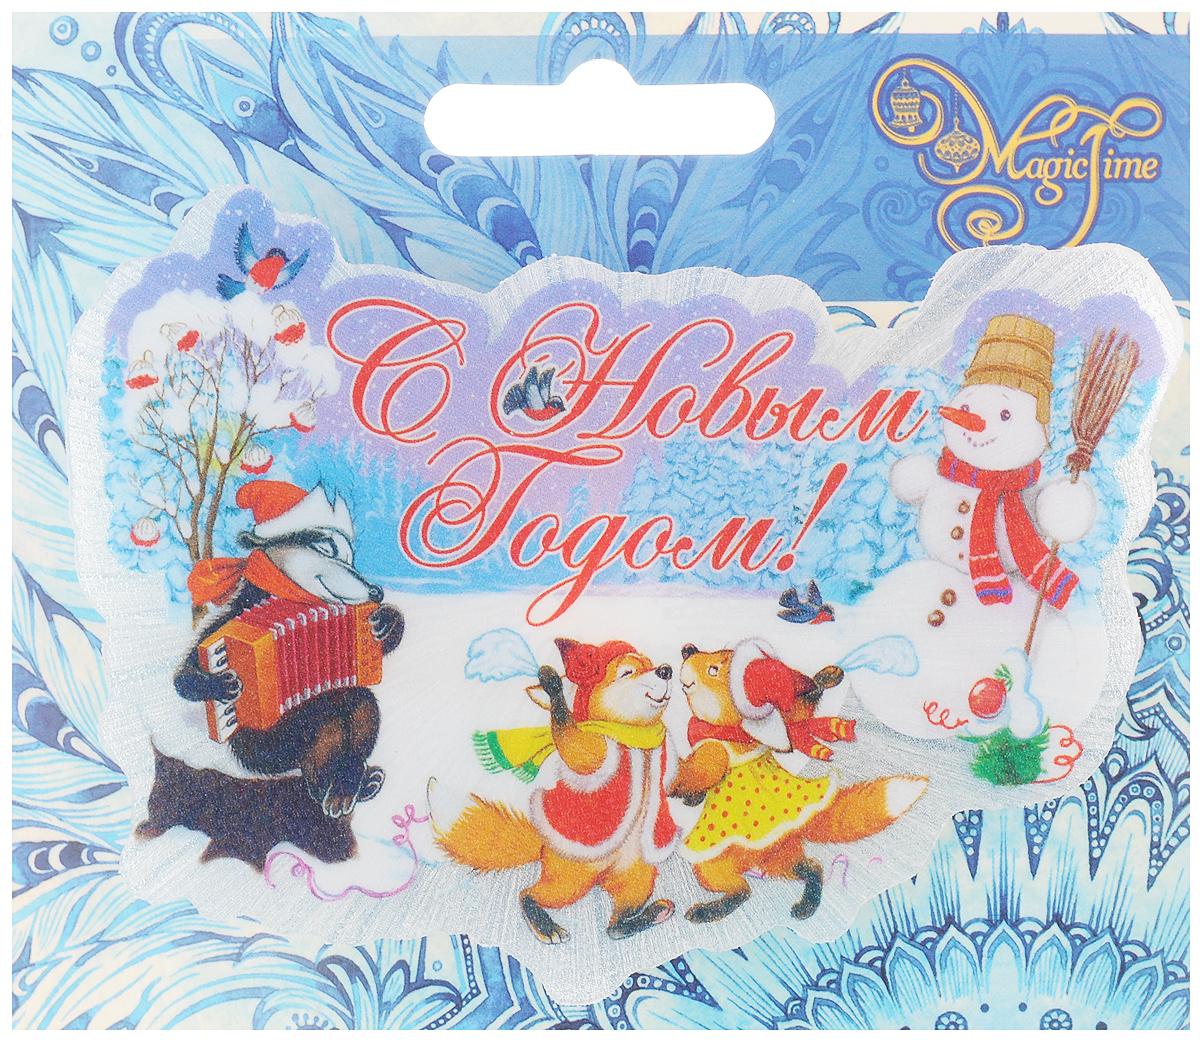 Украшение новогоднее Magic Time Новогодний праздник, со светодиодной подсветкой, 11 x 9 x 3 смS03201008Оригинальное новогоднее украшение Magic Time Новогодний праздник выполнено из ПВХ. С помощью специальной вакуумной присоски украшение можно прикрепить почти на любую плоскую поверхность. Светодиодная подсветка создаст атмосферу волшебства и ощущение праздника.Такой сувенир оформит ваш интерьер в преддверии Нового года и создаст атмосферу уюта.Размер: 11 x 9 x 3 см;Элемент питания: LR44;Мощность: 0,06 Вт;Напряжение: 3 В.